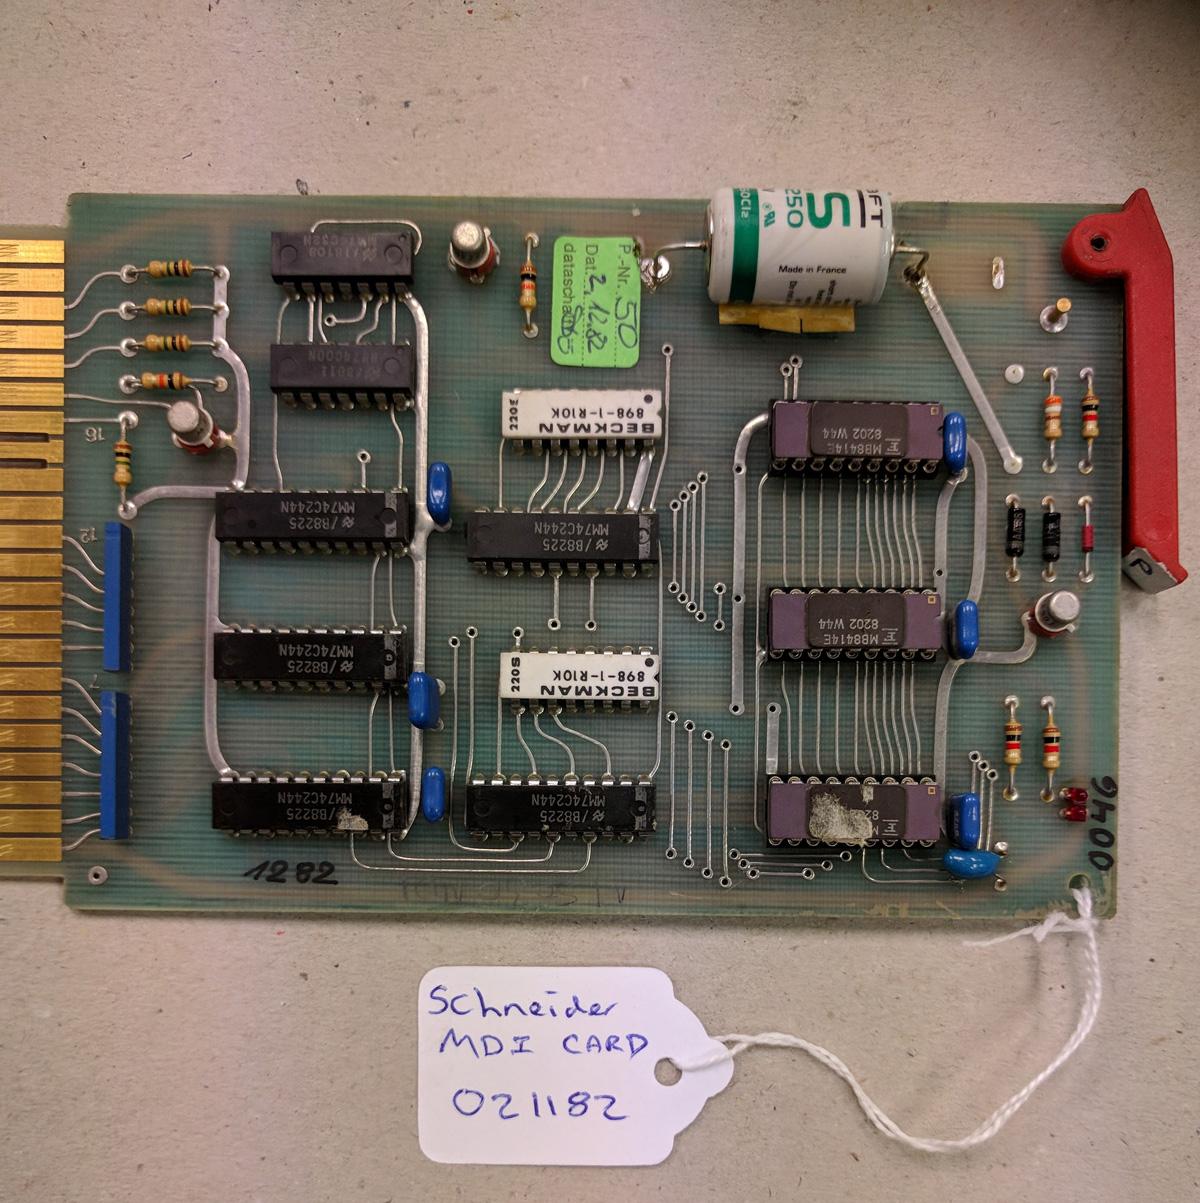 Schneider MDI Card